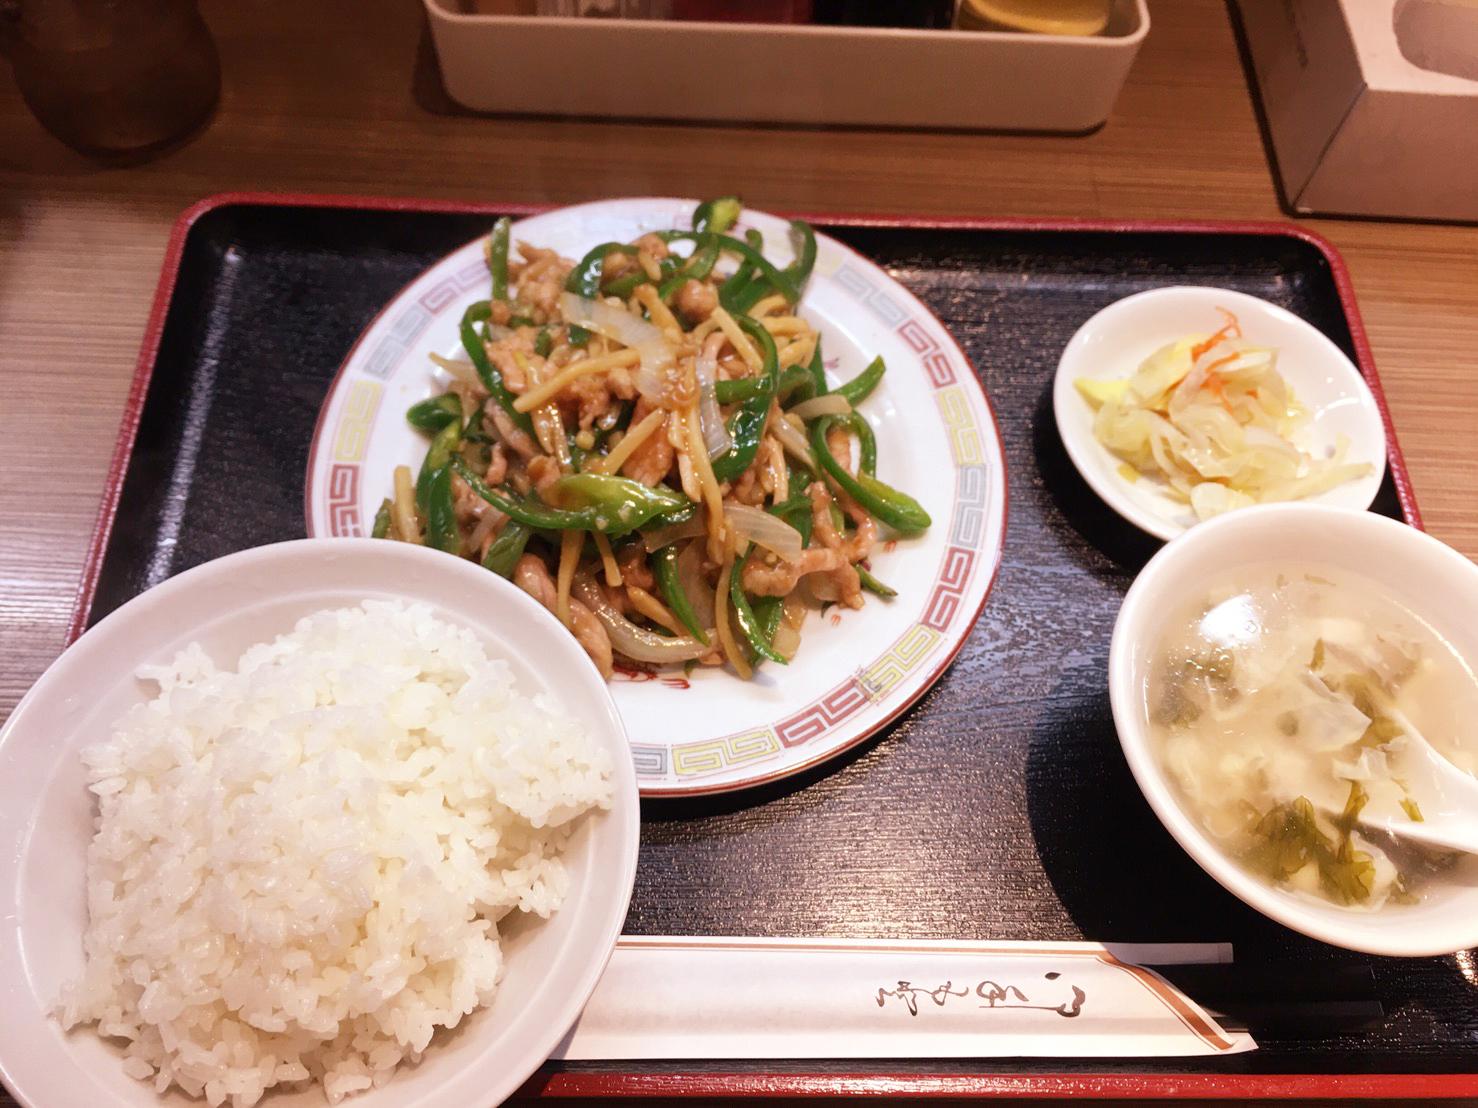 中華料理 食楽亭 豚肉とピーマンの定食